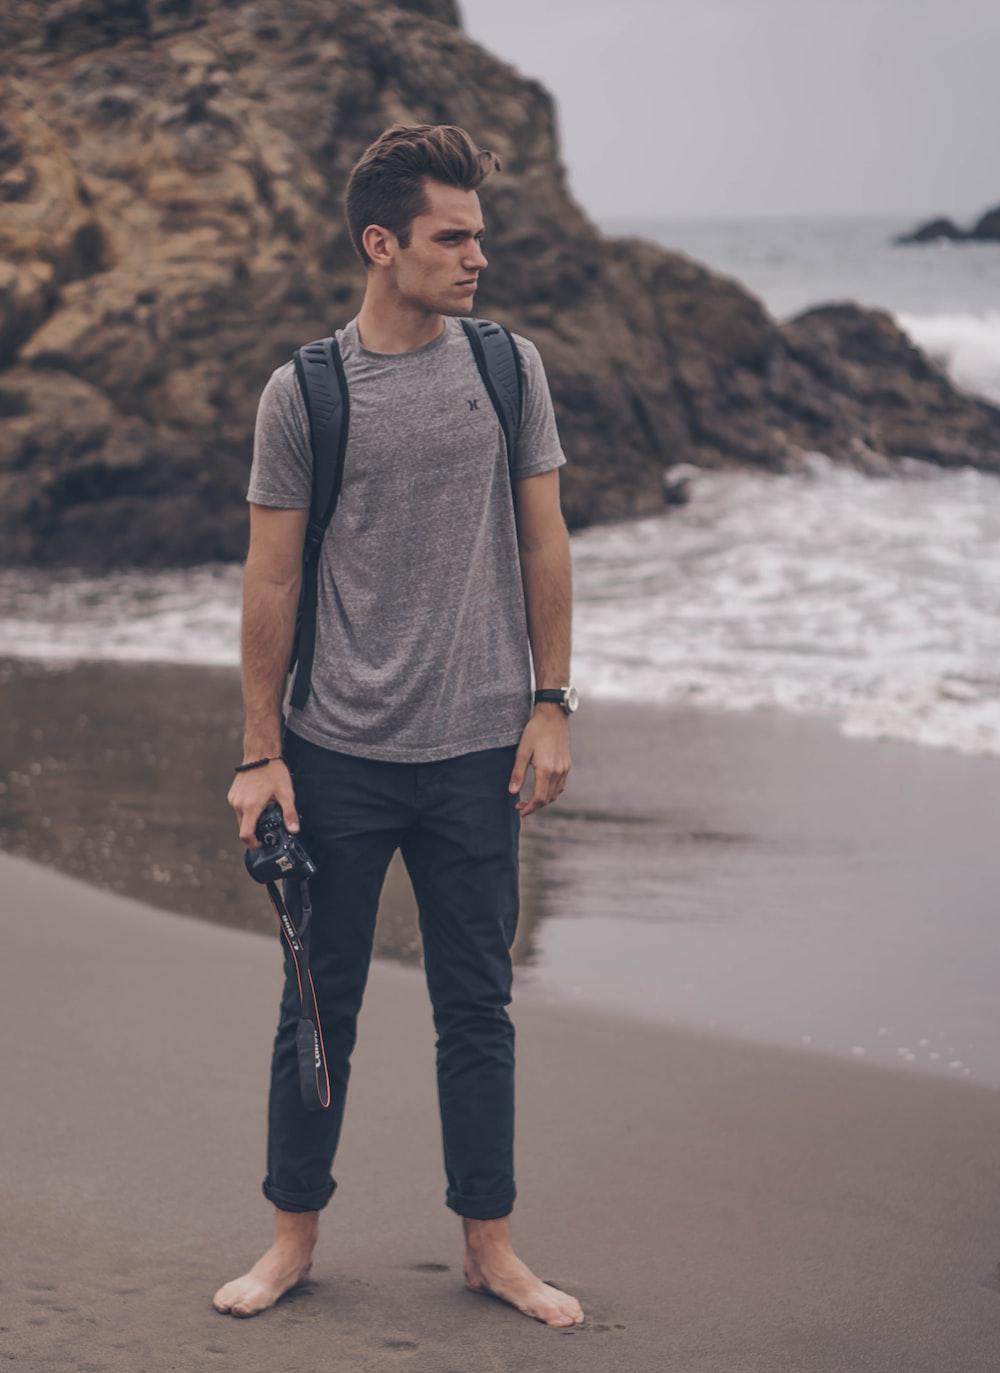 man holding DSLR camera on seashore near large rock